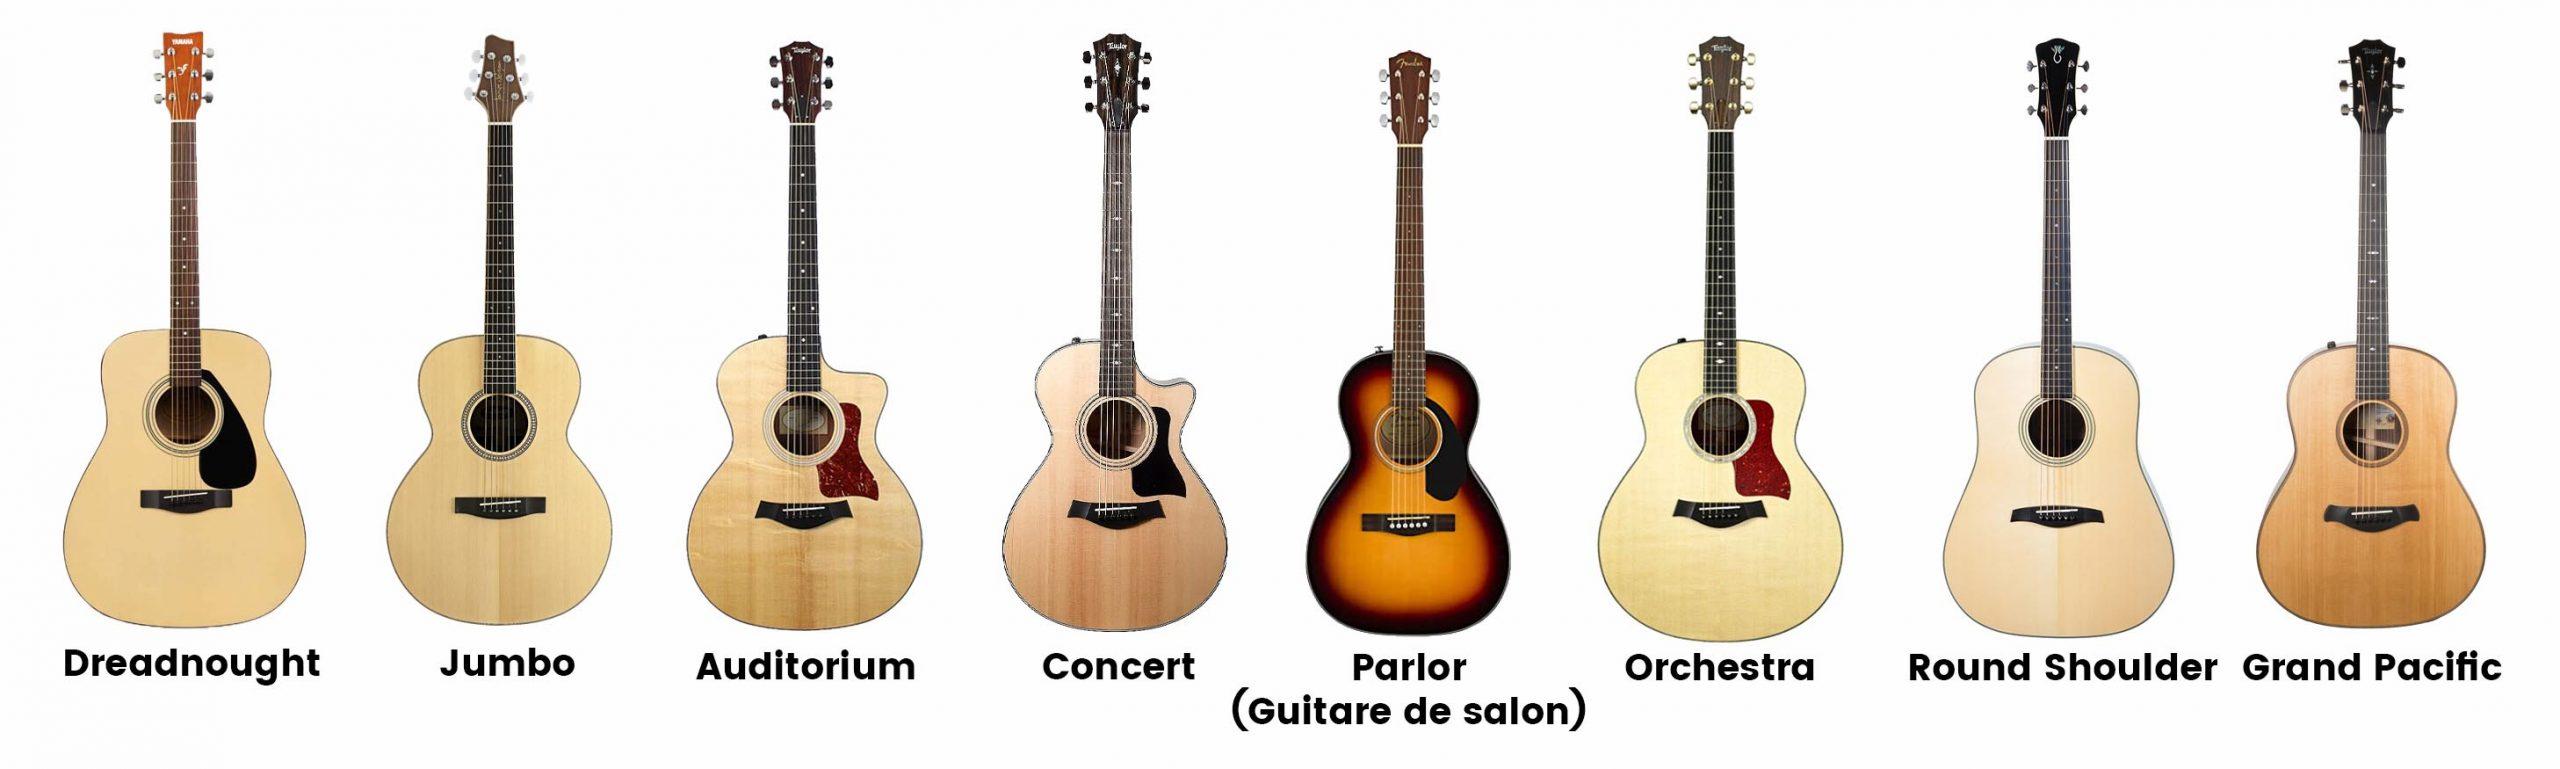 Les formes de guitares acoustiques